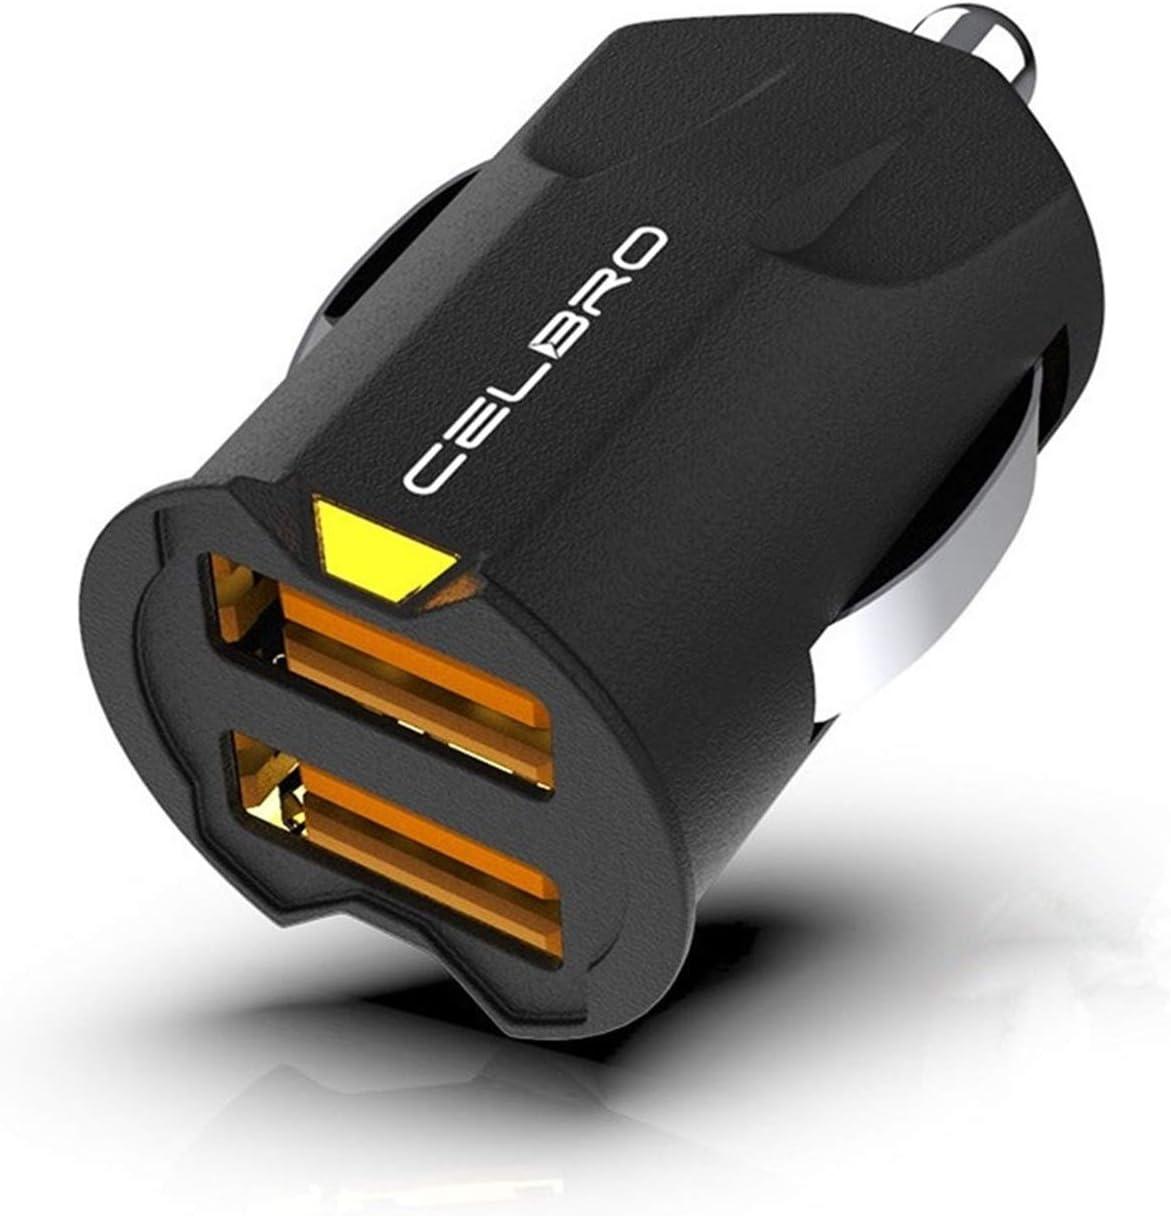 Cargador de teléfono móvil de doble del coche del USB cargador cargador de coche más pequeño Mini USB cargador de coche adaptador de carga del coche 2A automática el puerto 2 for el iPhone Samsung